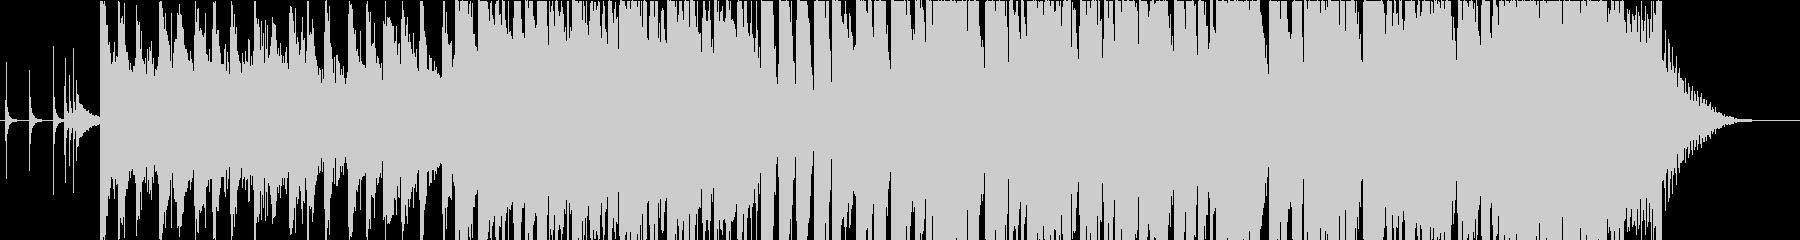 シンセポップでロックなバンドサウンドの未再生の波形